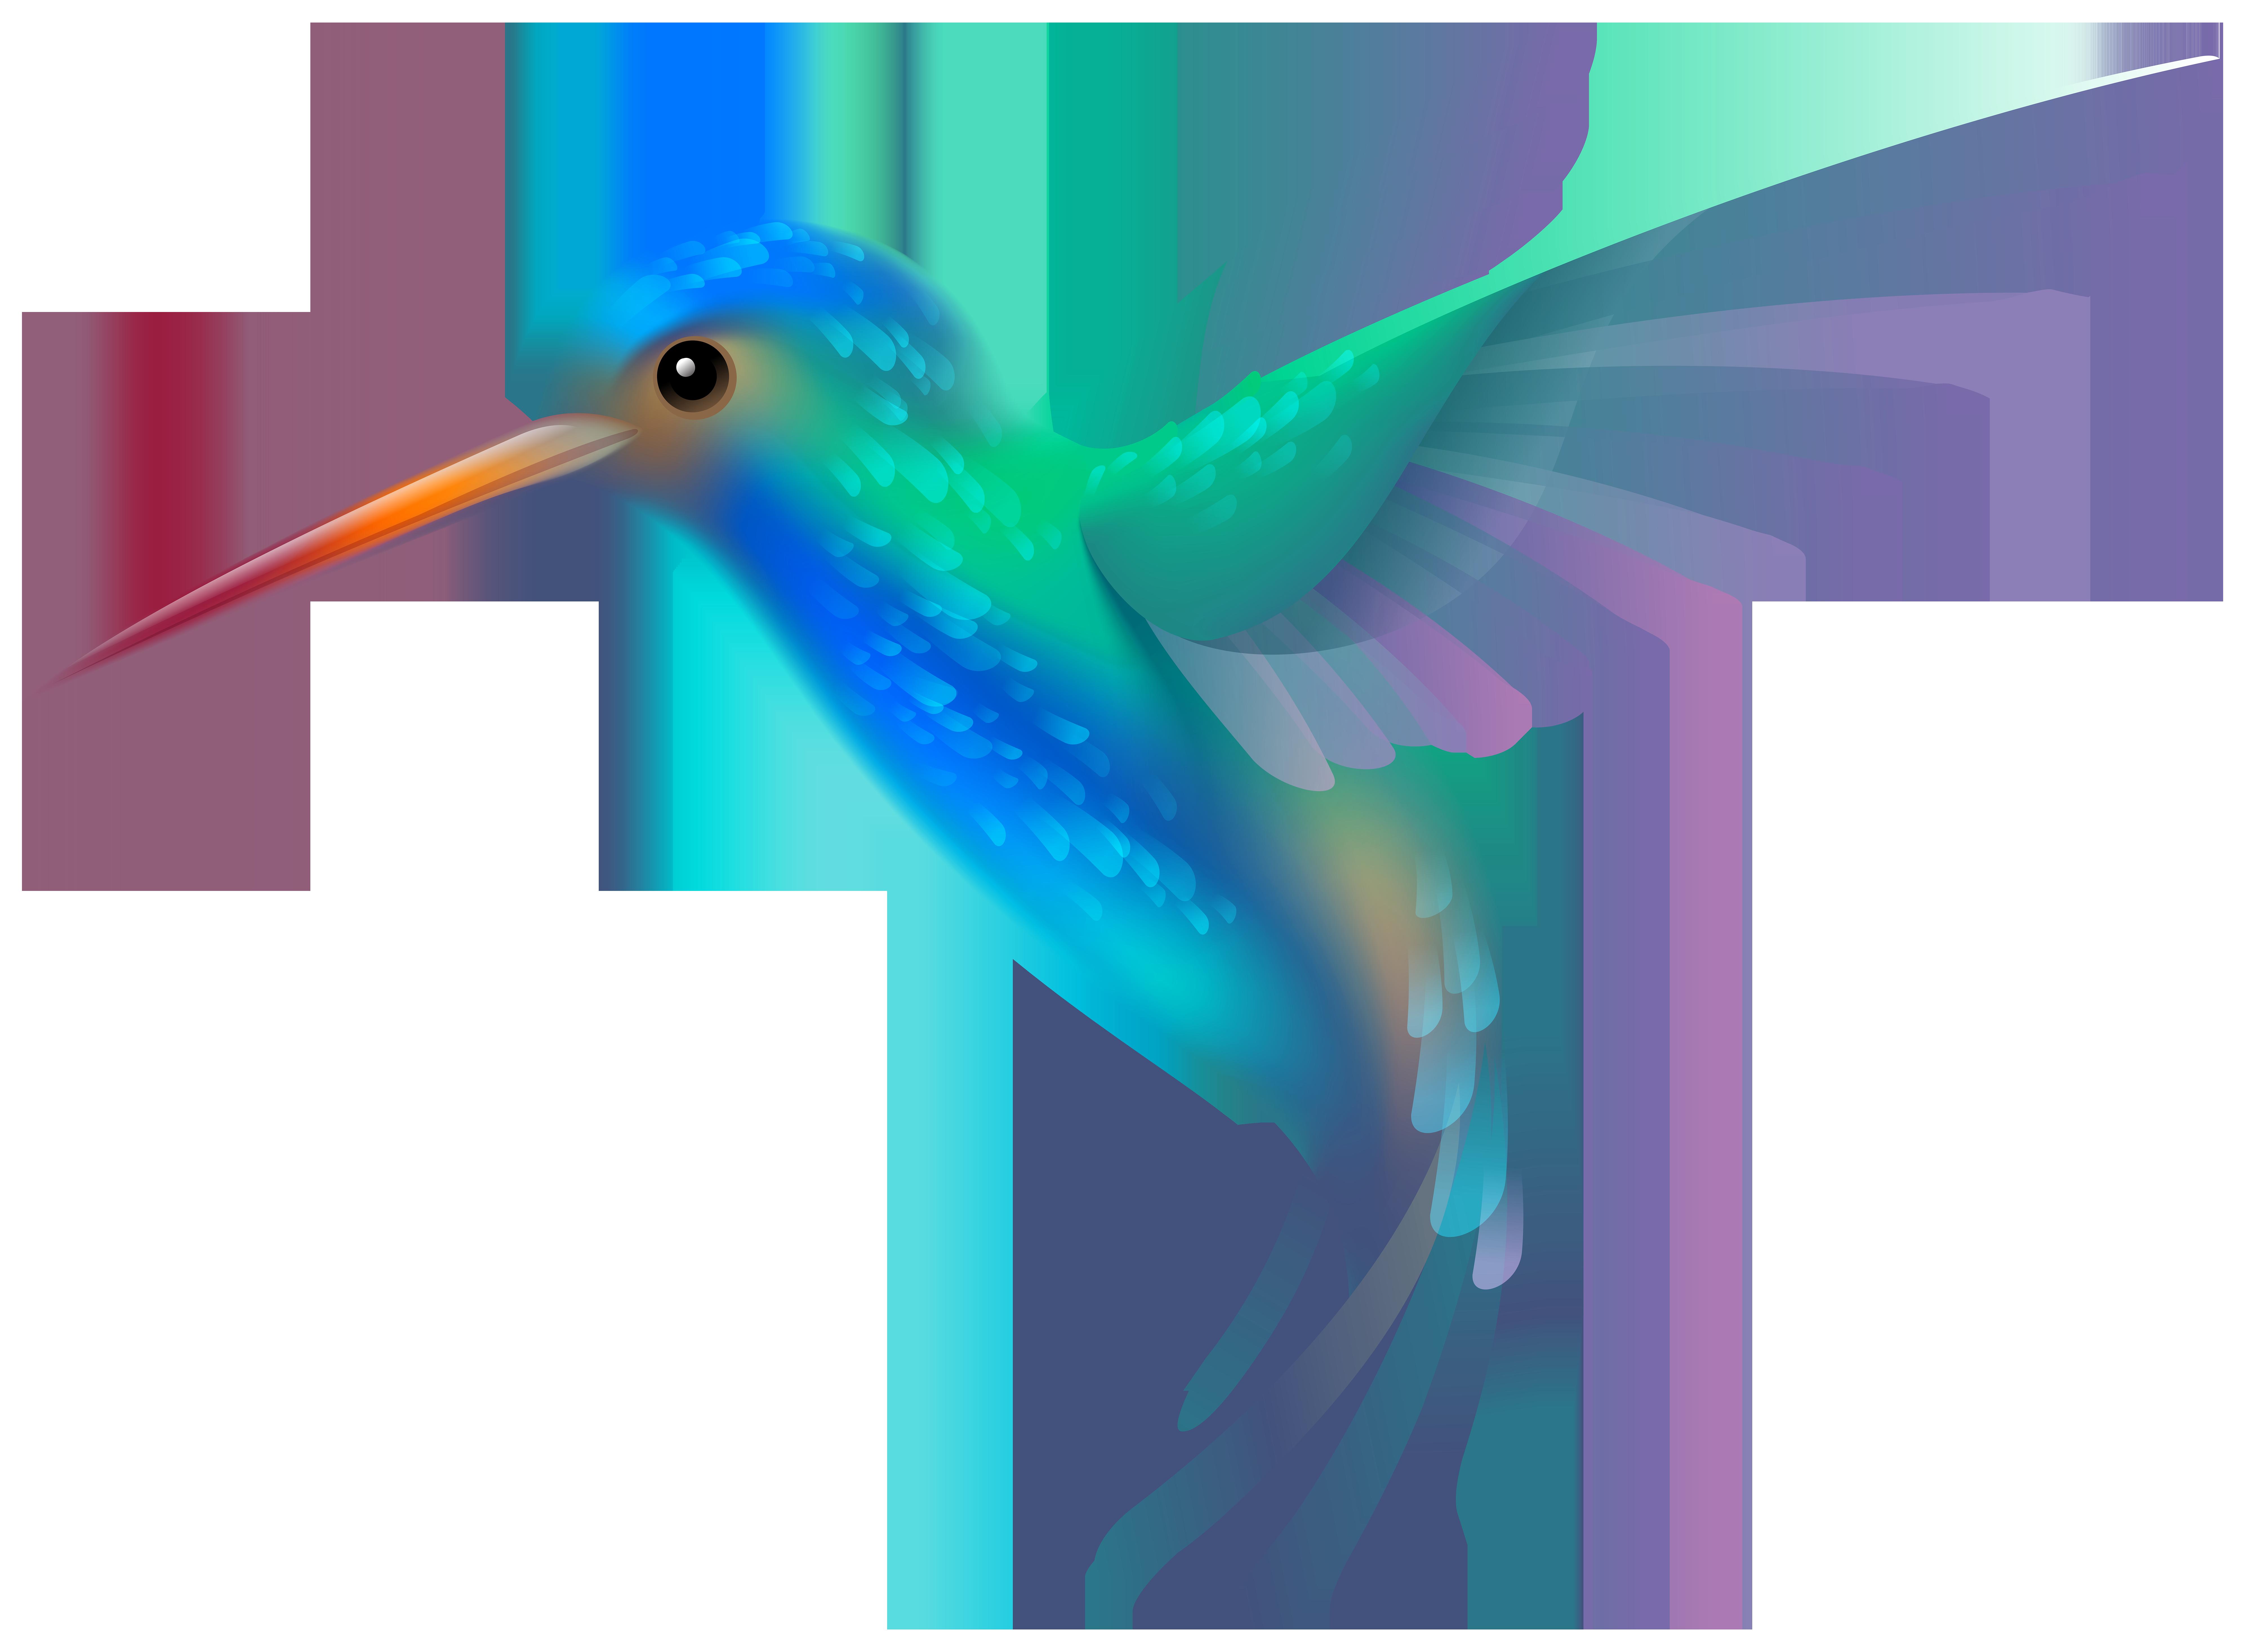 Hummingbird clipart Clip com art Hummingbird Art